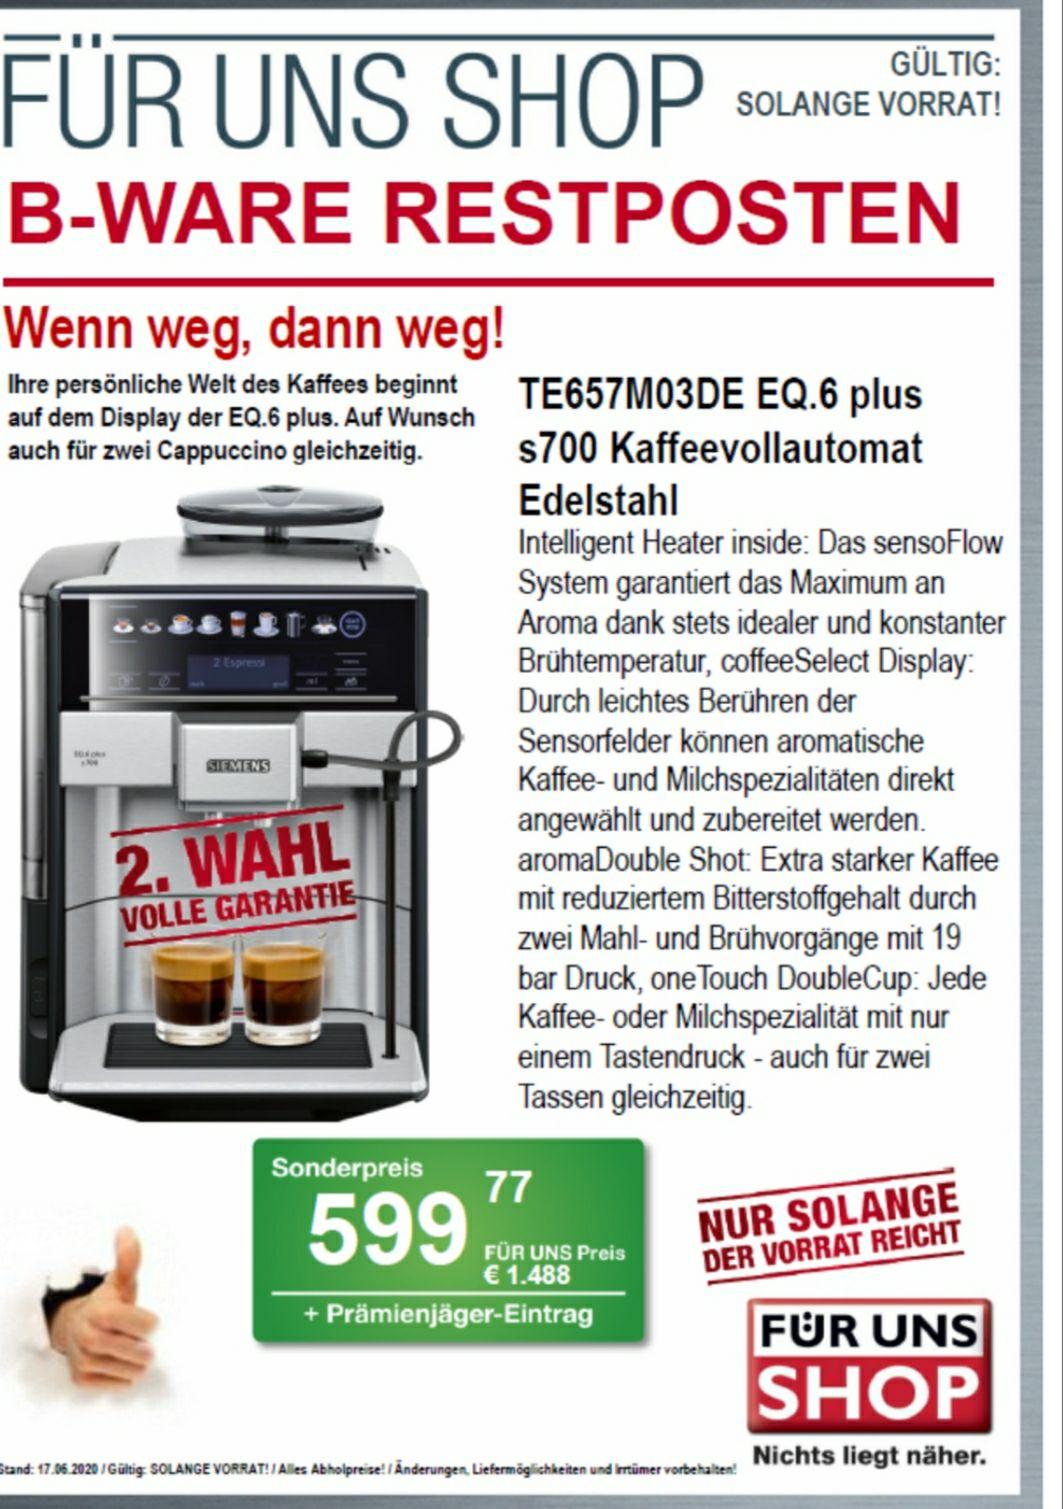 [Für Uns Shop DD] Siemens EQ6 Plus S700 B-Ware